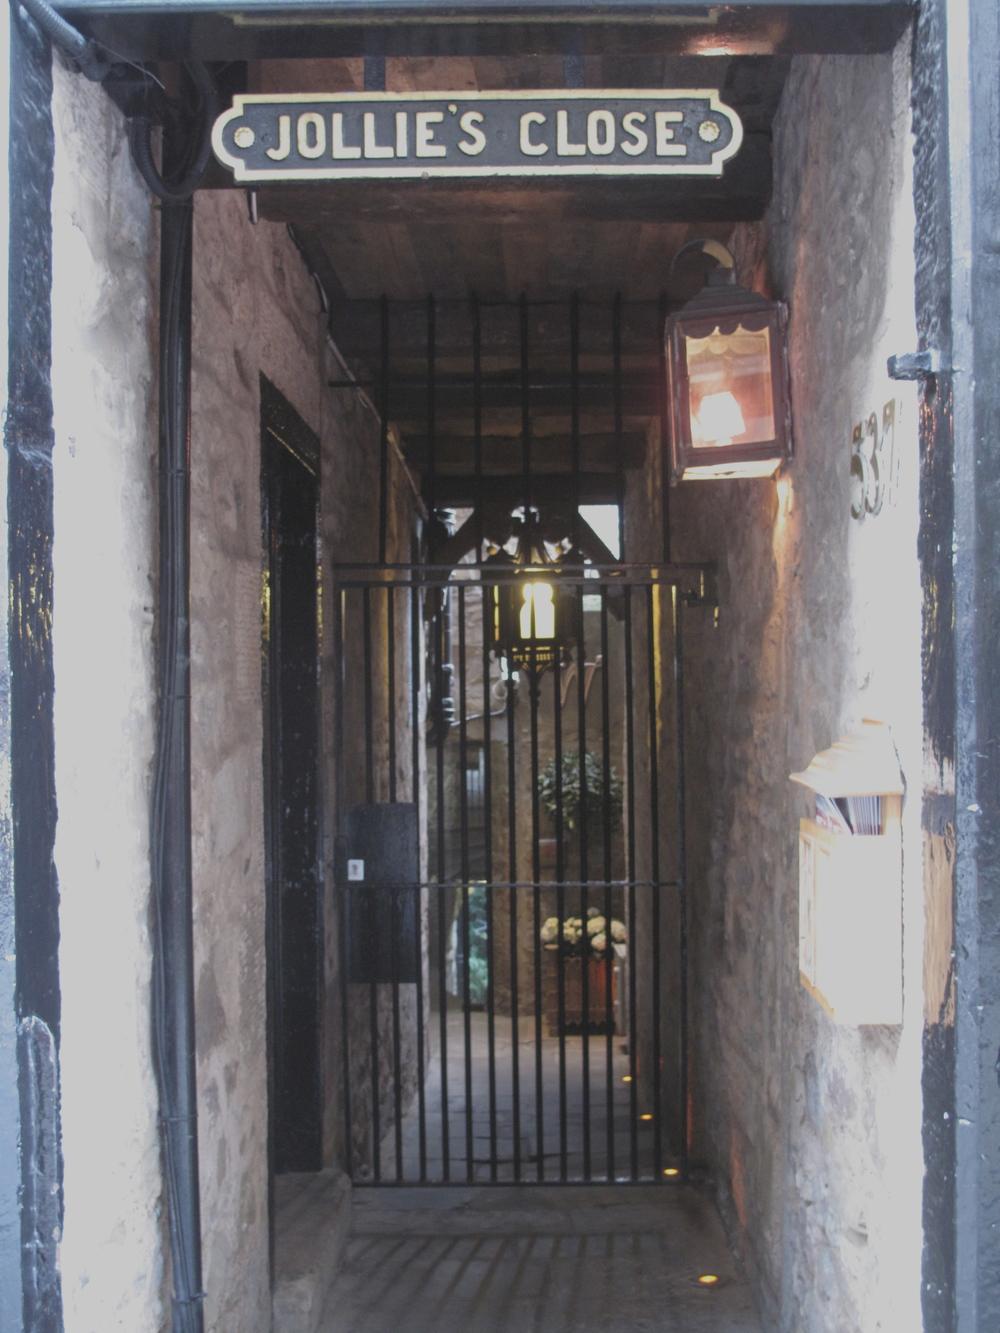 Jollie's Close doorway.